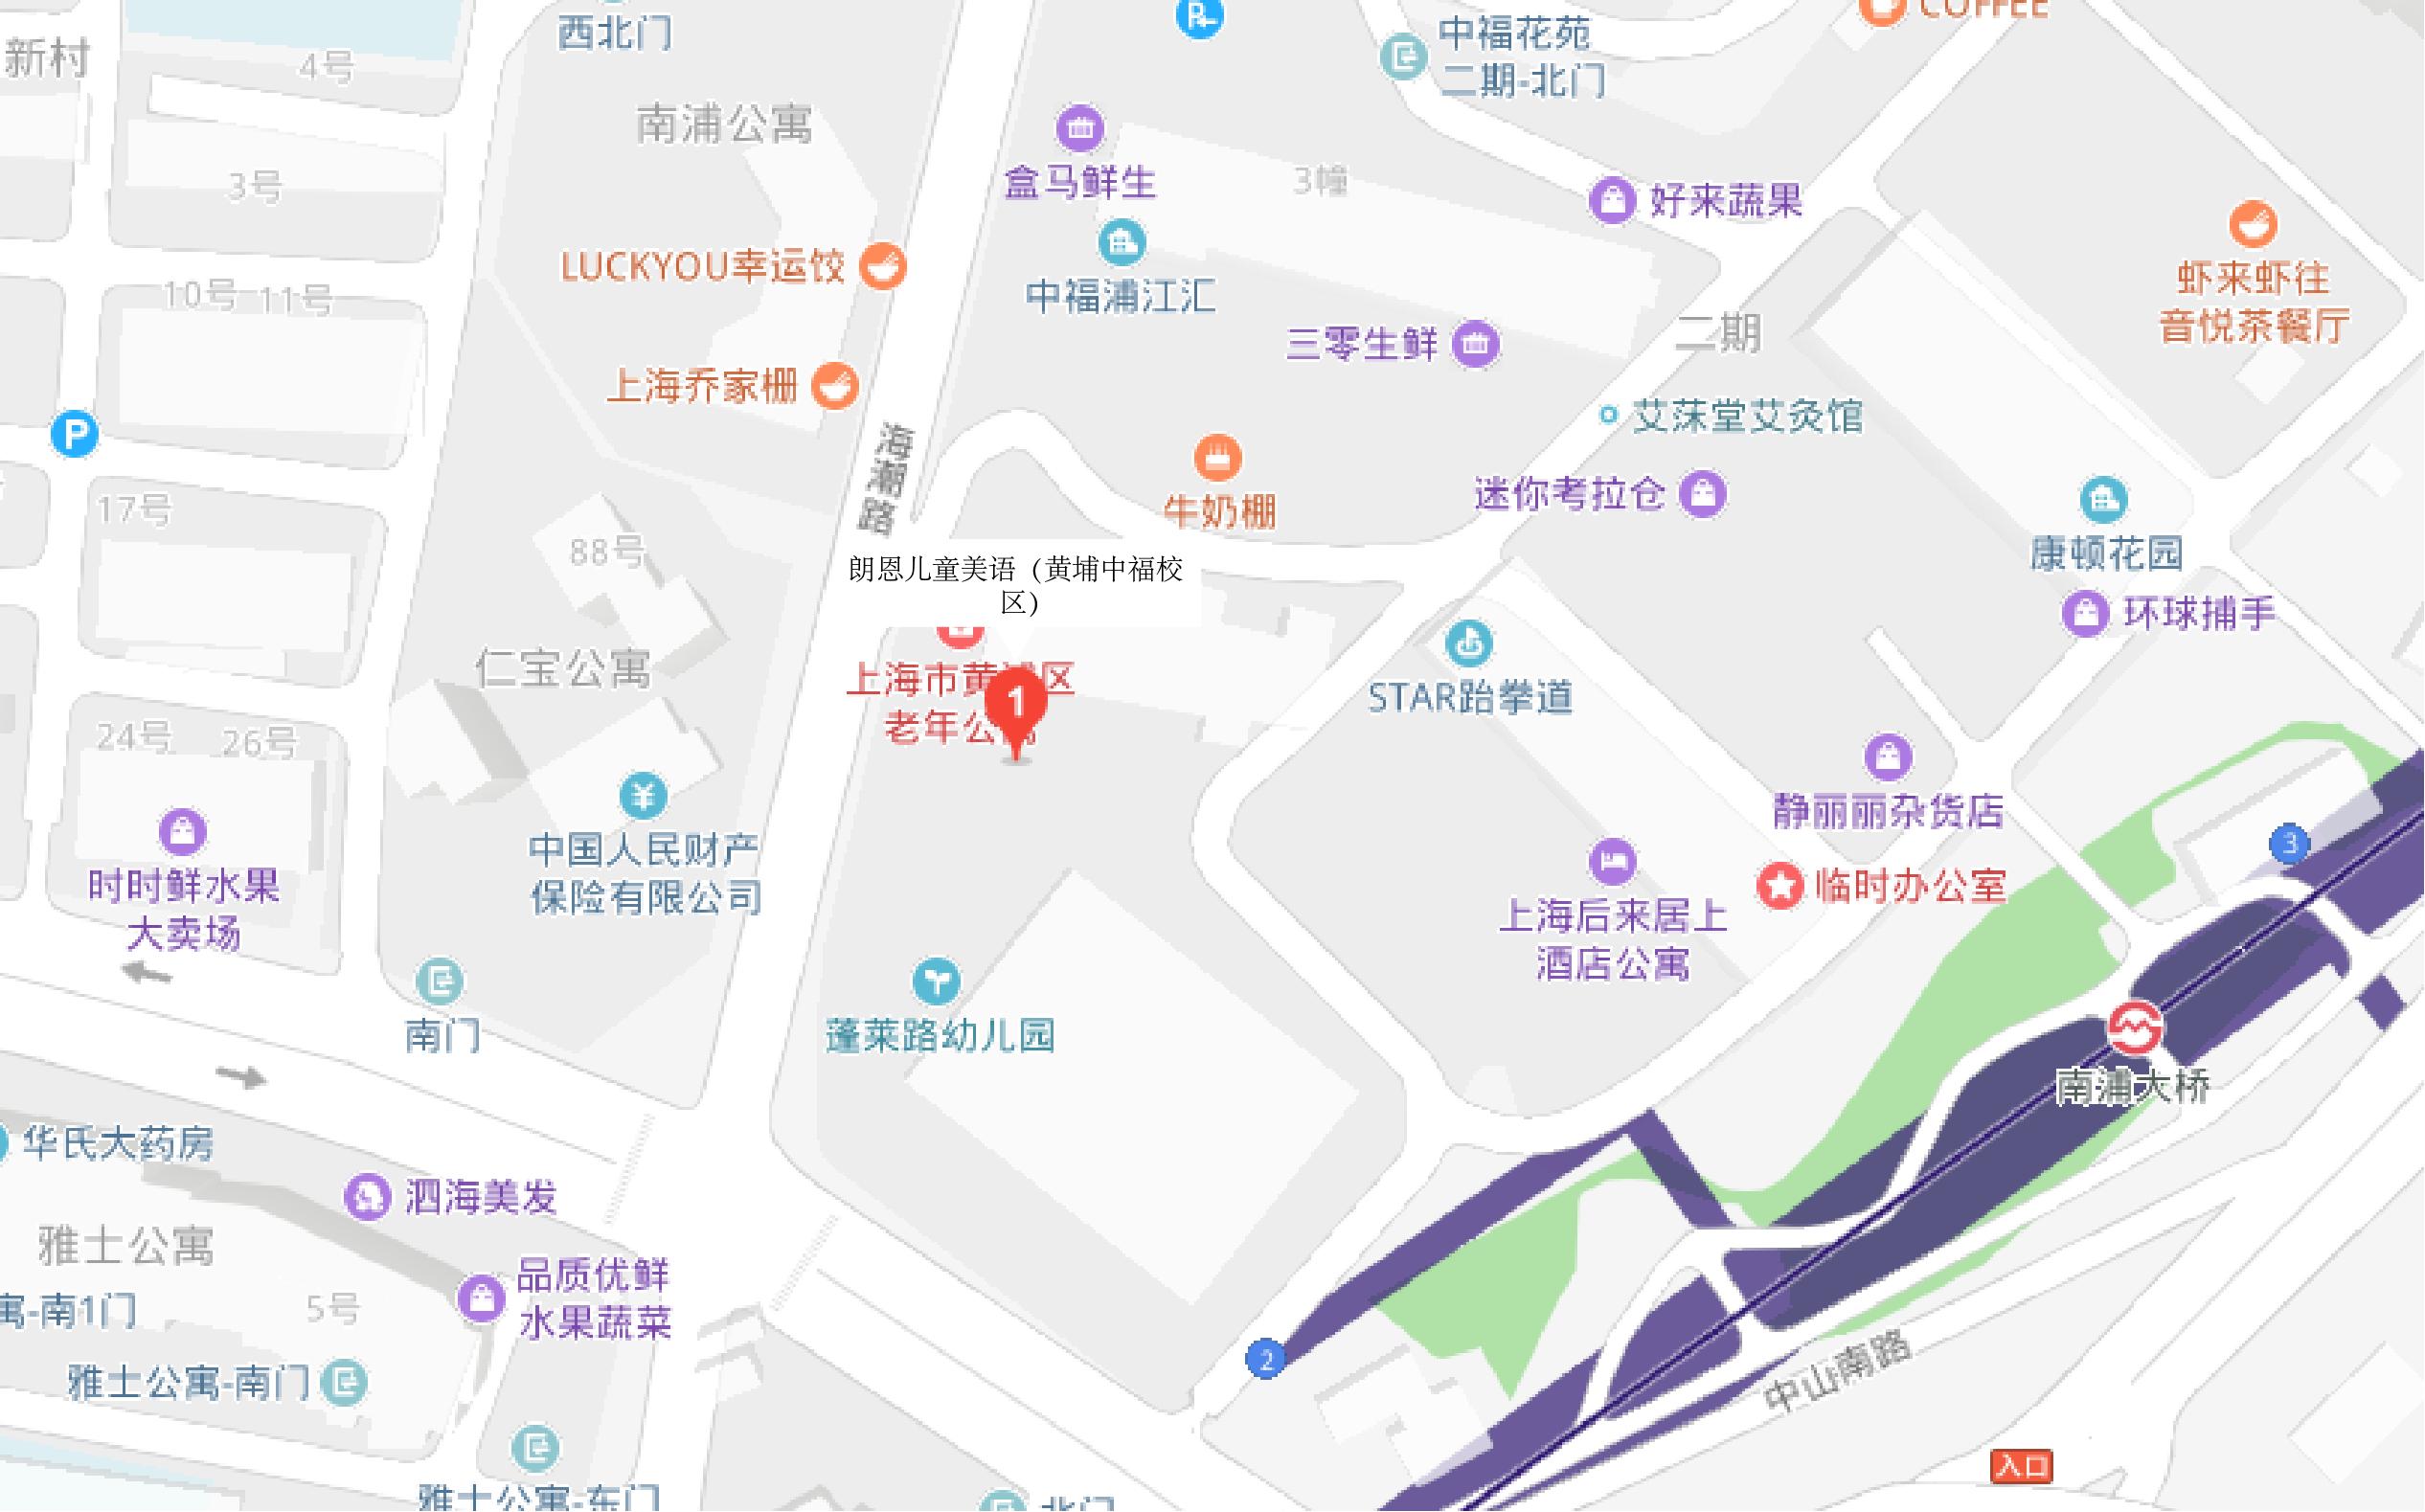 上海黄浦中福校区